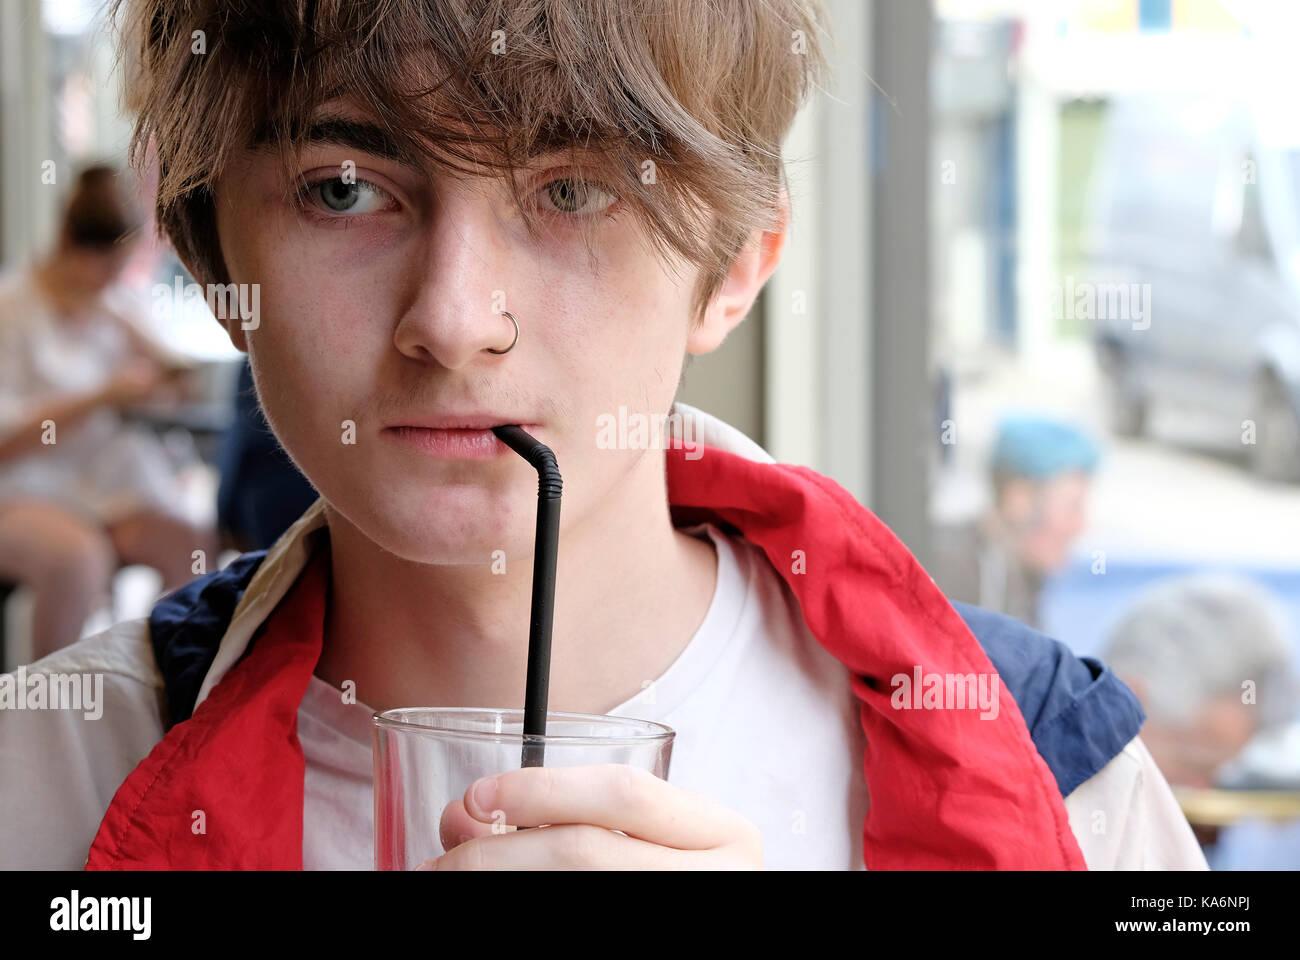 Adolescente beber refresco de paja en la cafetería interior Imagen De Stock